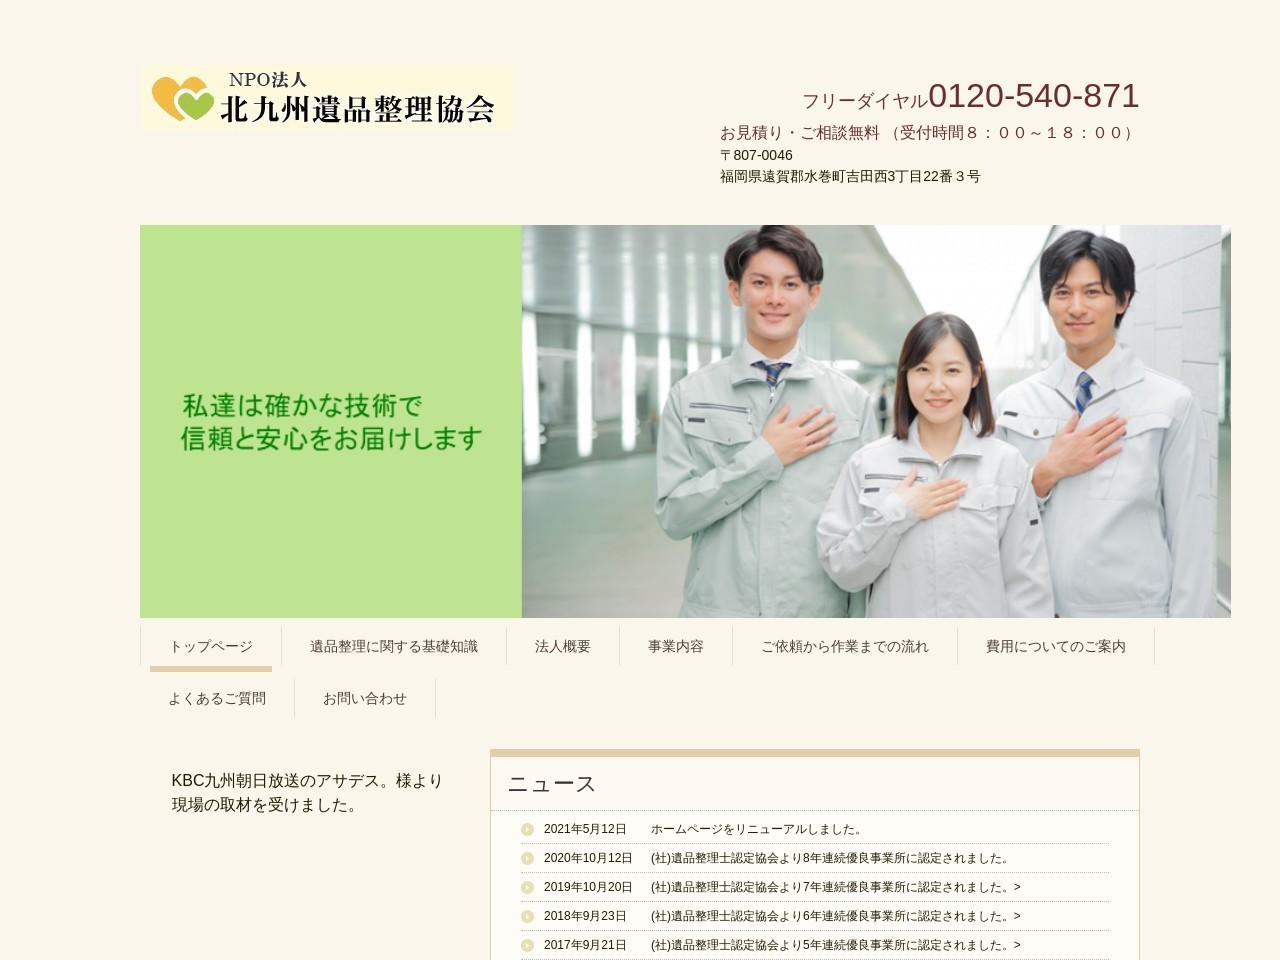 北九州遺品整理協会(NPO法人)